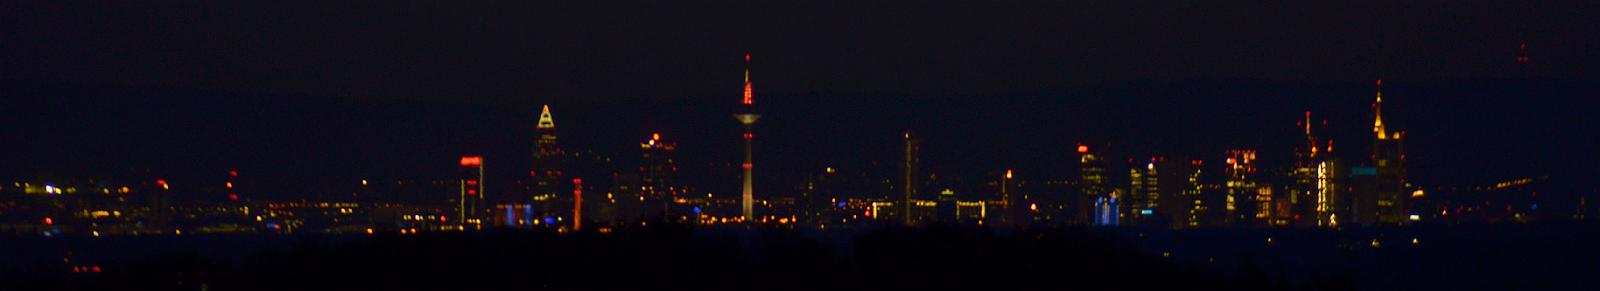 lichtverschmutzung skyline frankfurt main. Black Bedroom Furniture Sets. Home Design Ideas